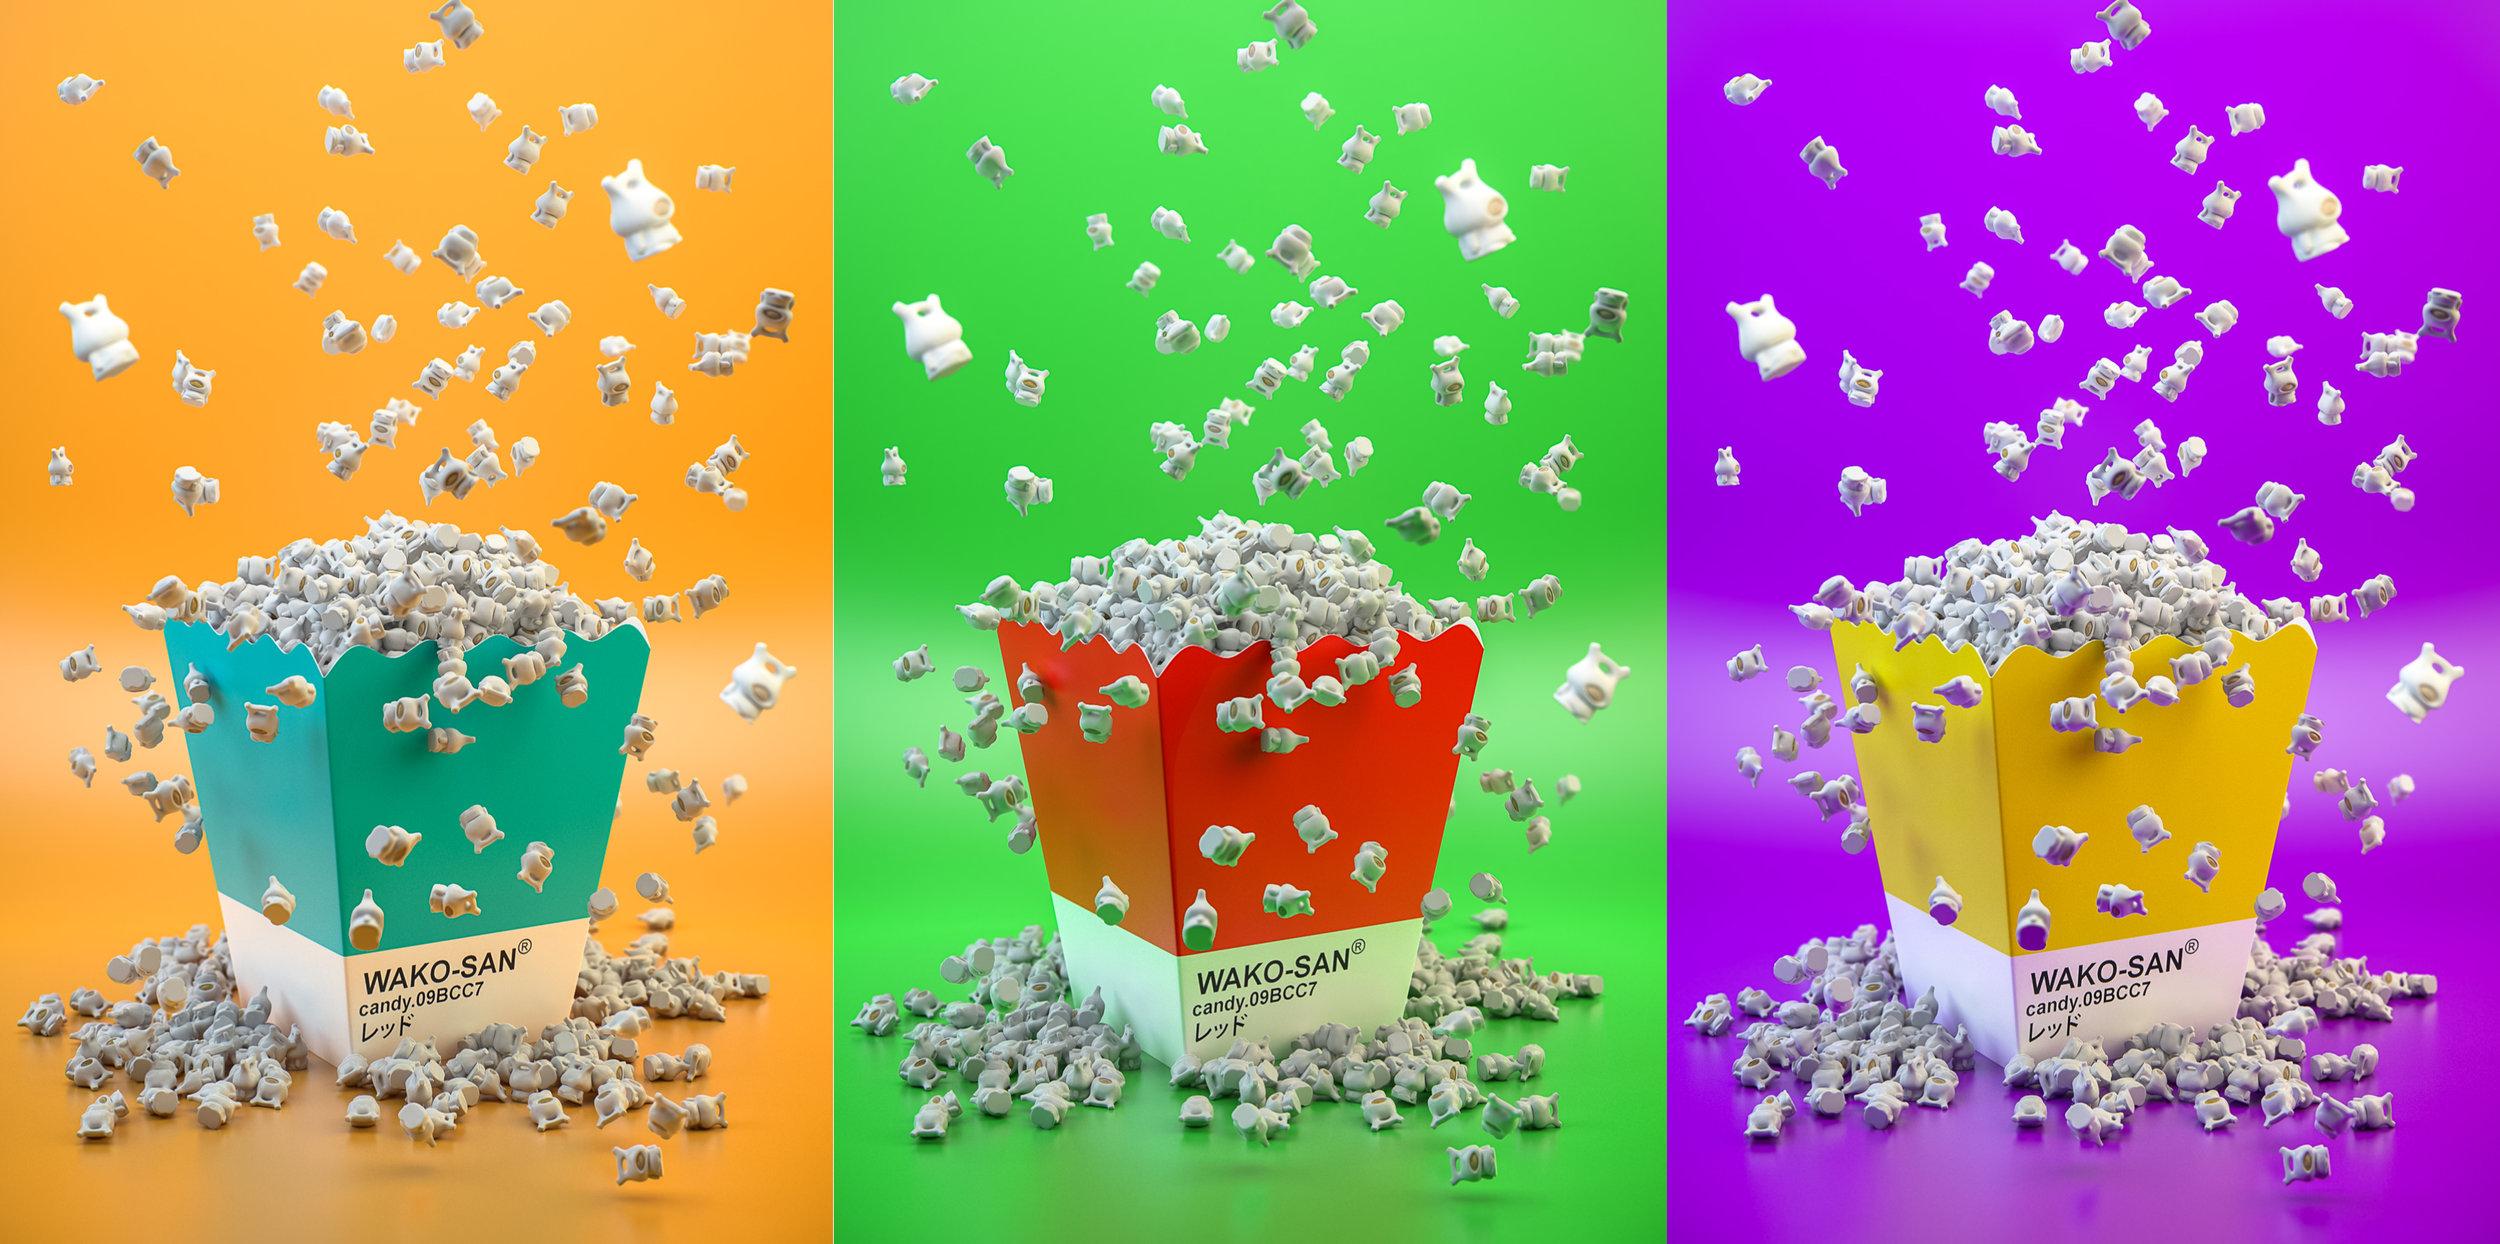 wakopopcorn-panton 3 color.jpg